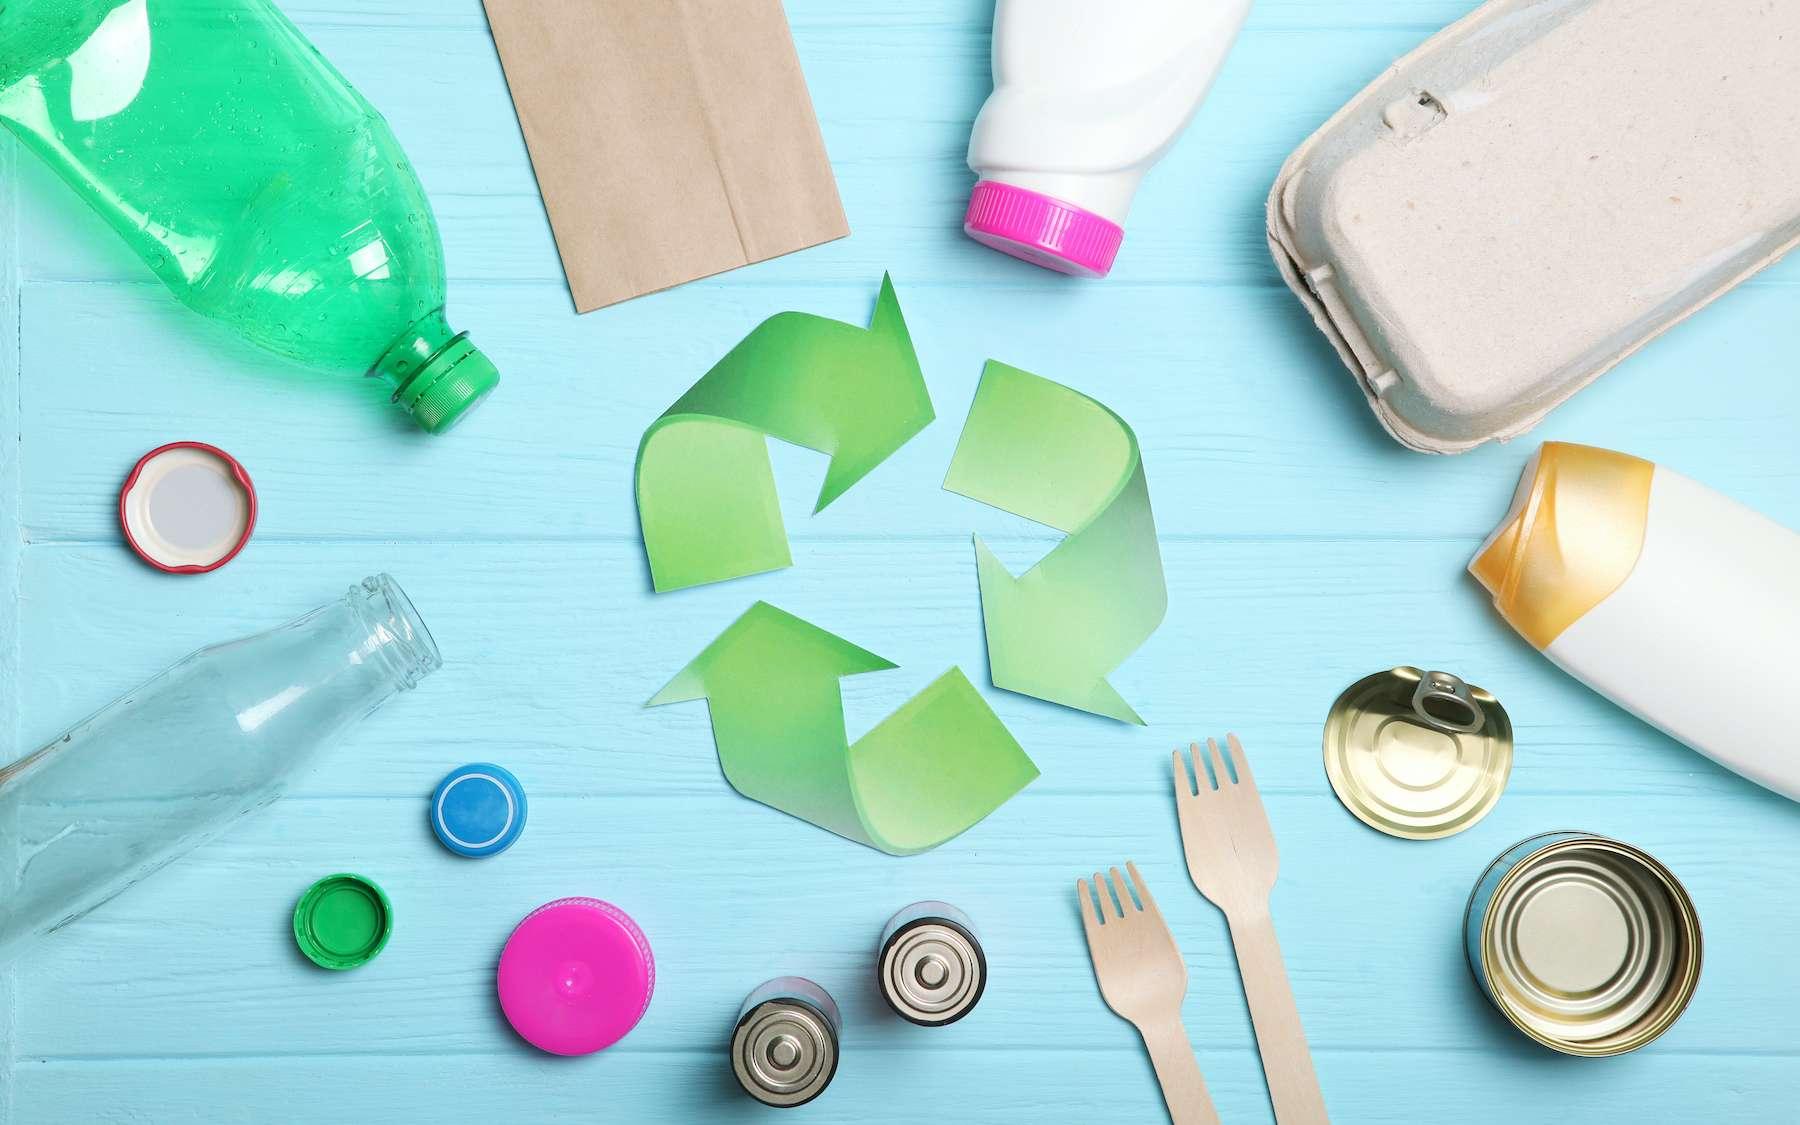 Le plastique est-il réellement recyclé ? © White bear studio, Adobe Stock